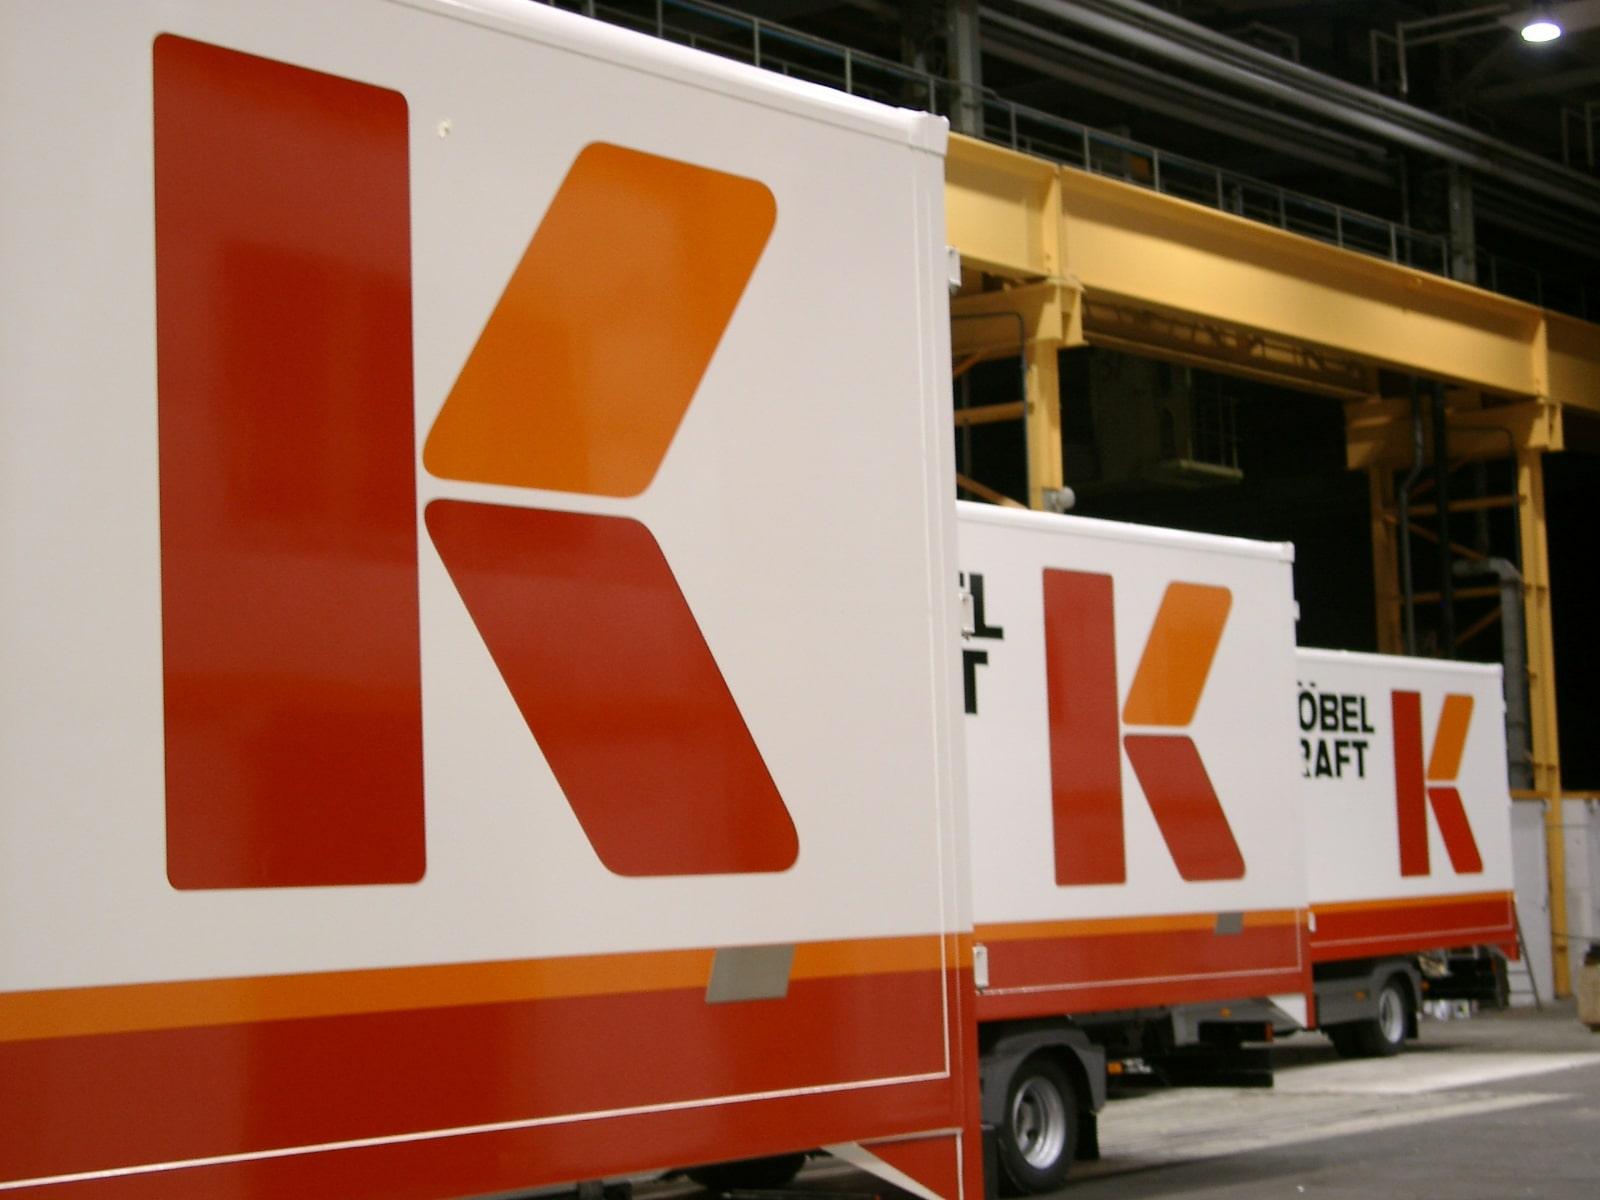 Möbel Kraft – Folienbeschriftung Fahrzeugflotte